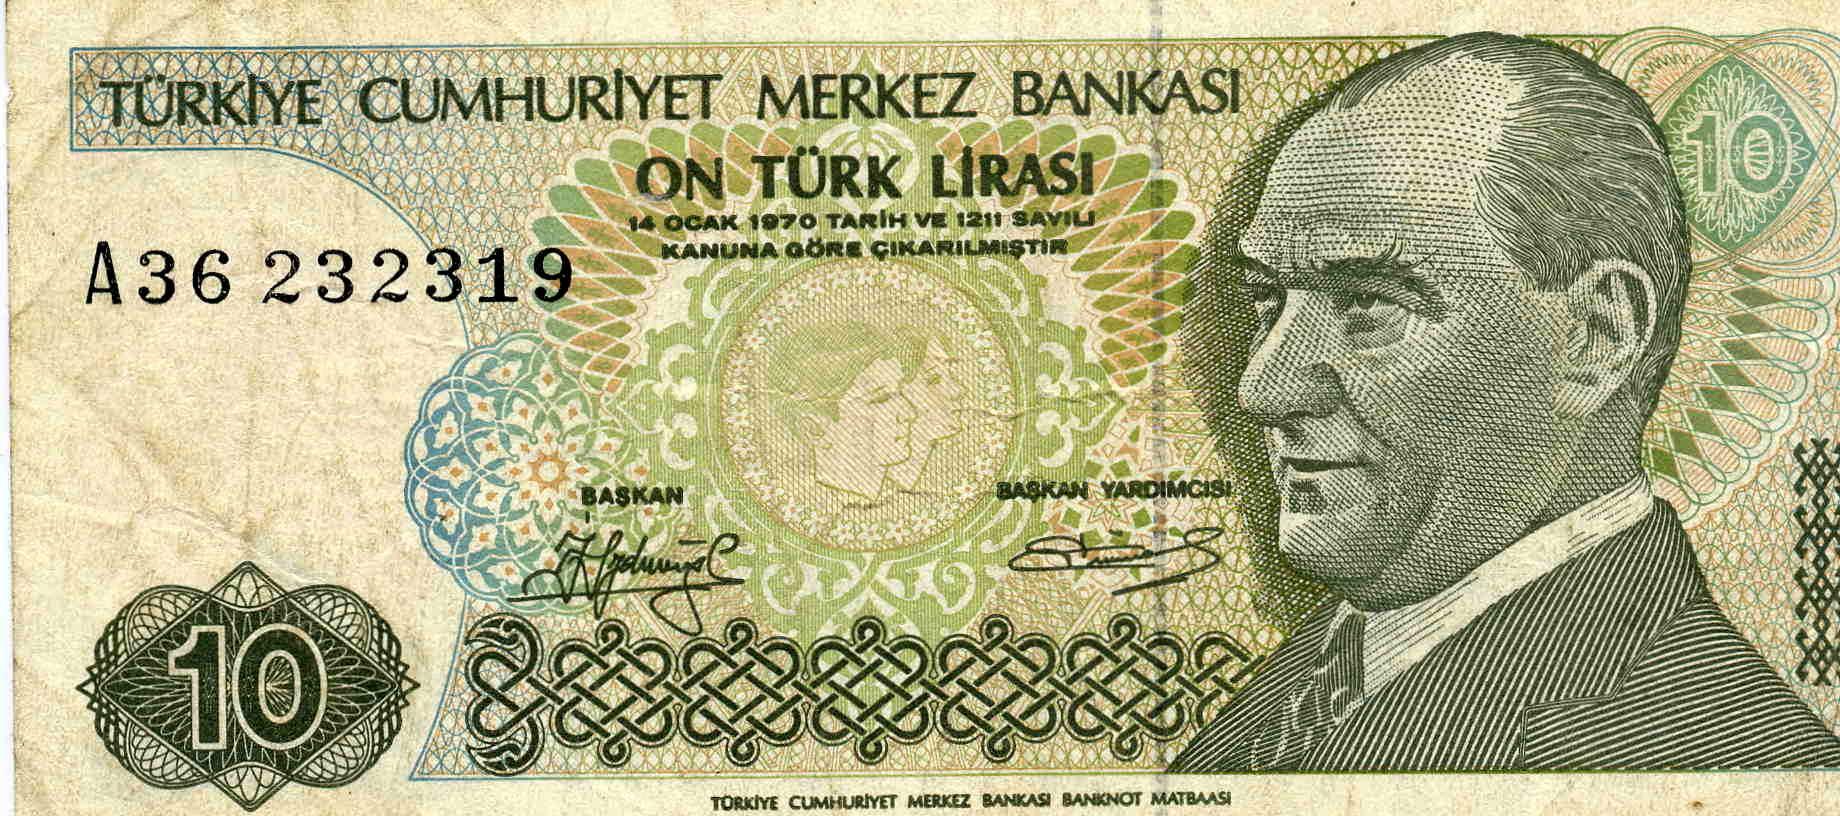 Rüyada Yabancı Birine Kağıt Para Verdiğini Görmek